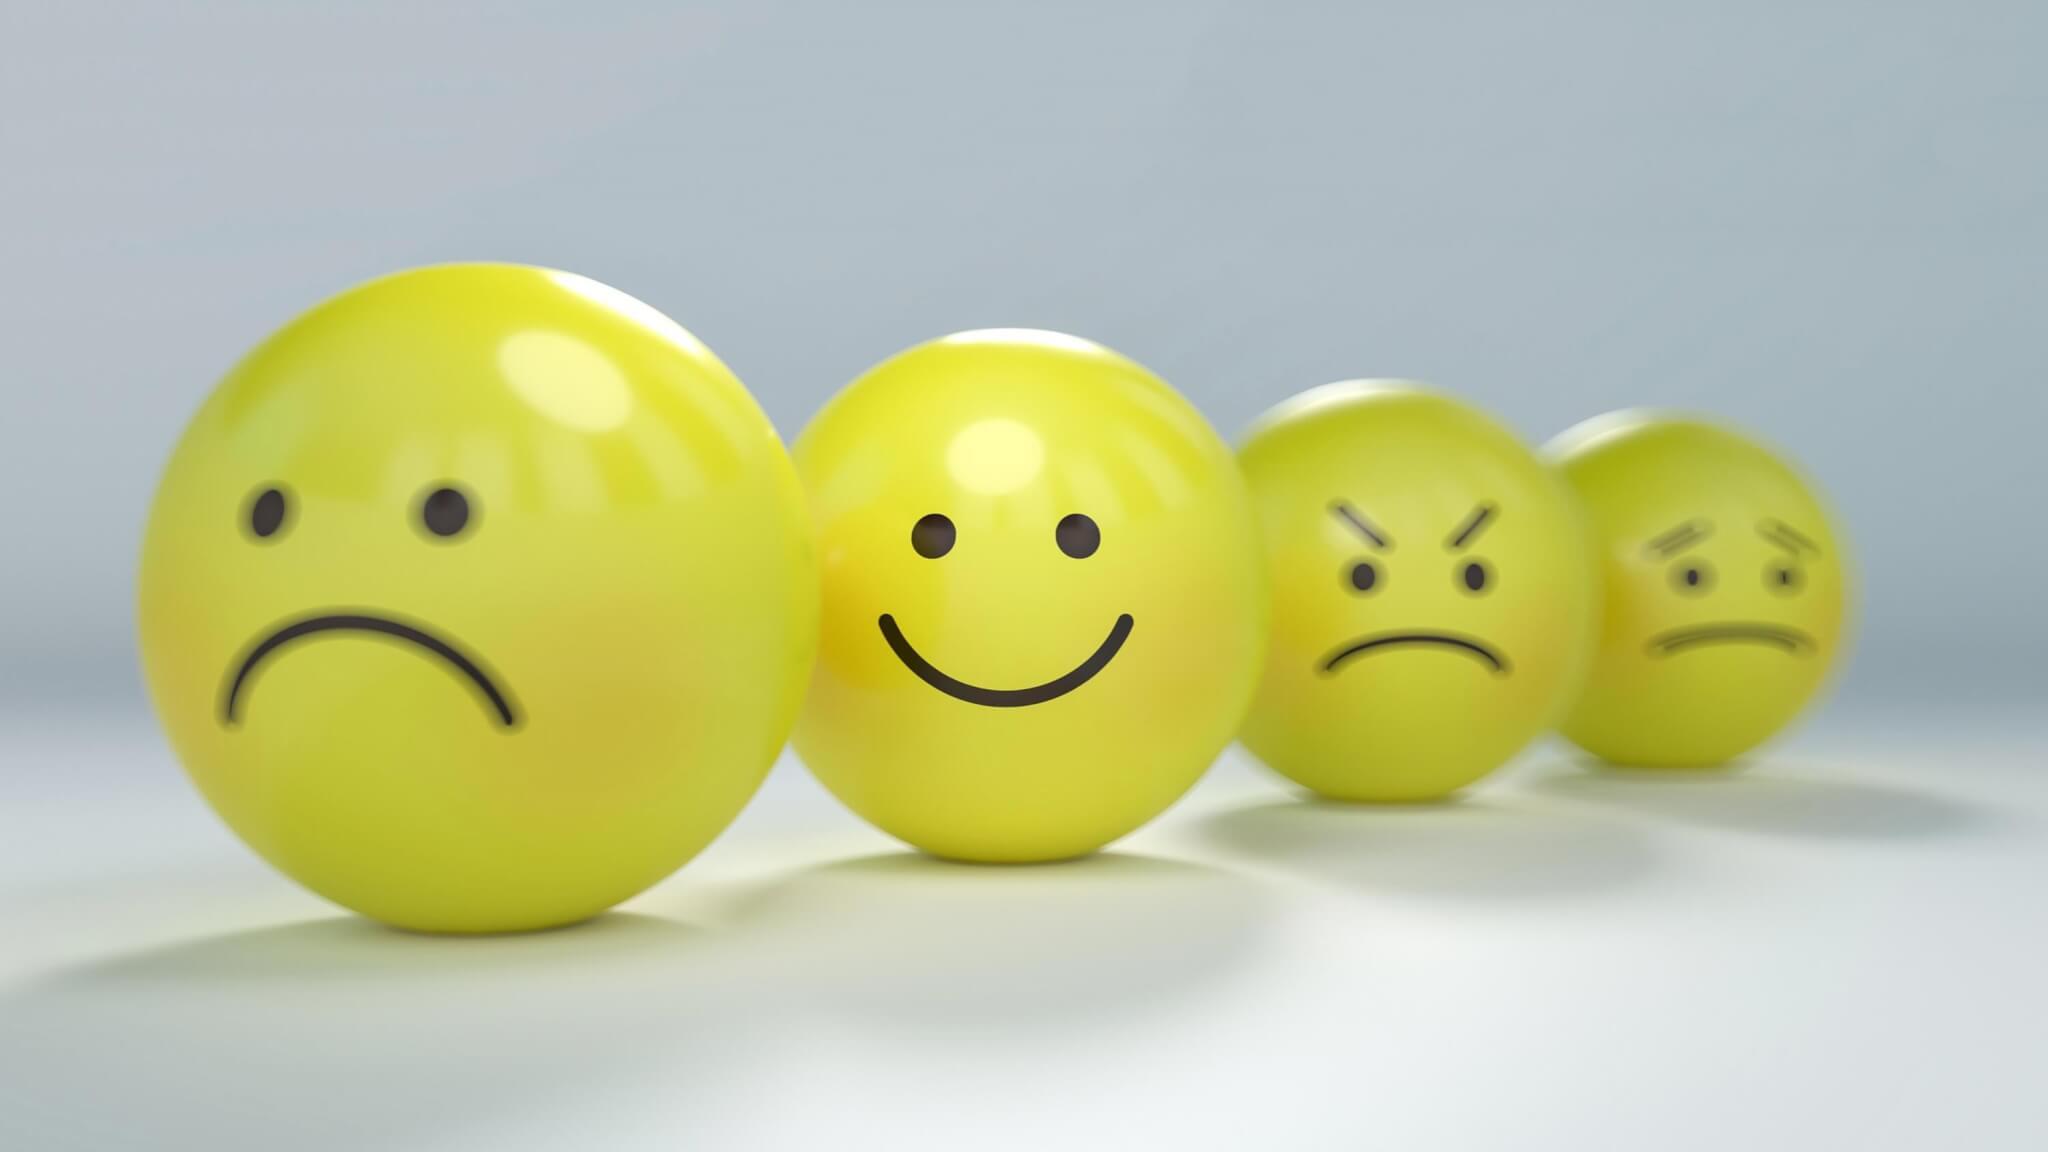 Positiv denken kannst du lernen mit dieser praktischen Anleitung